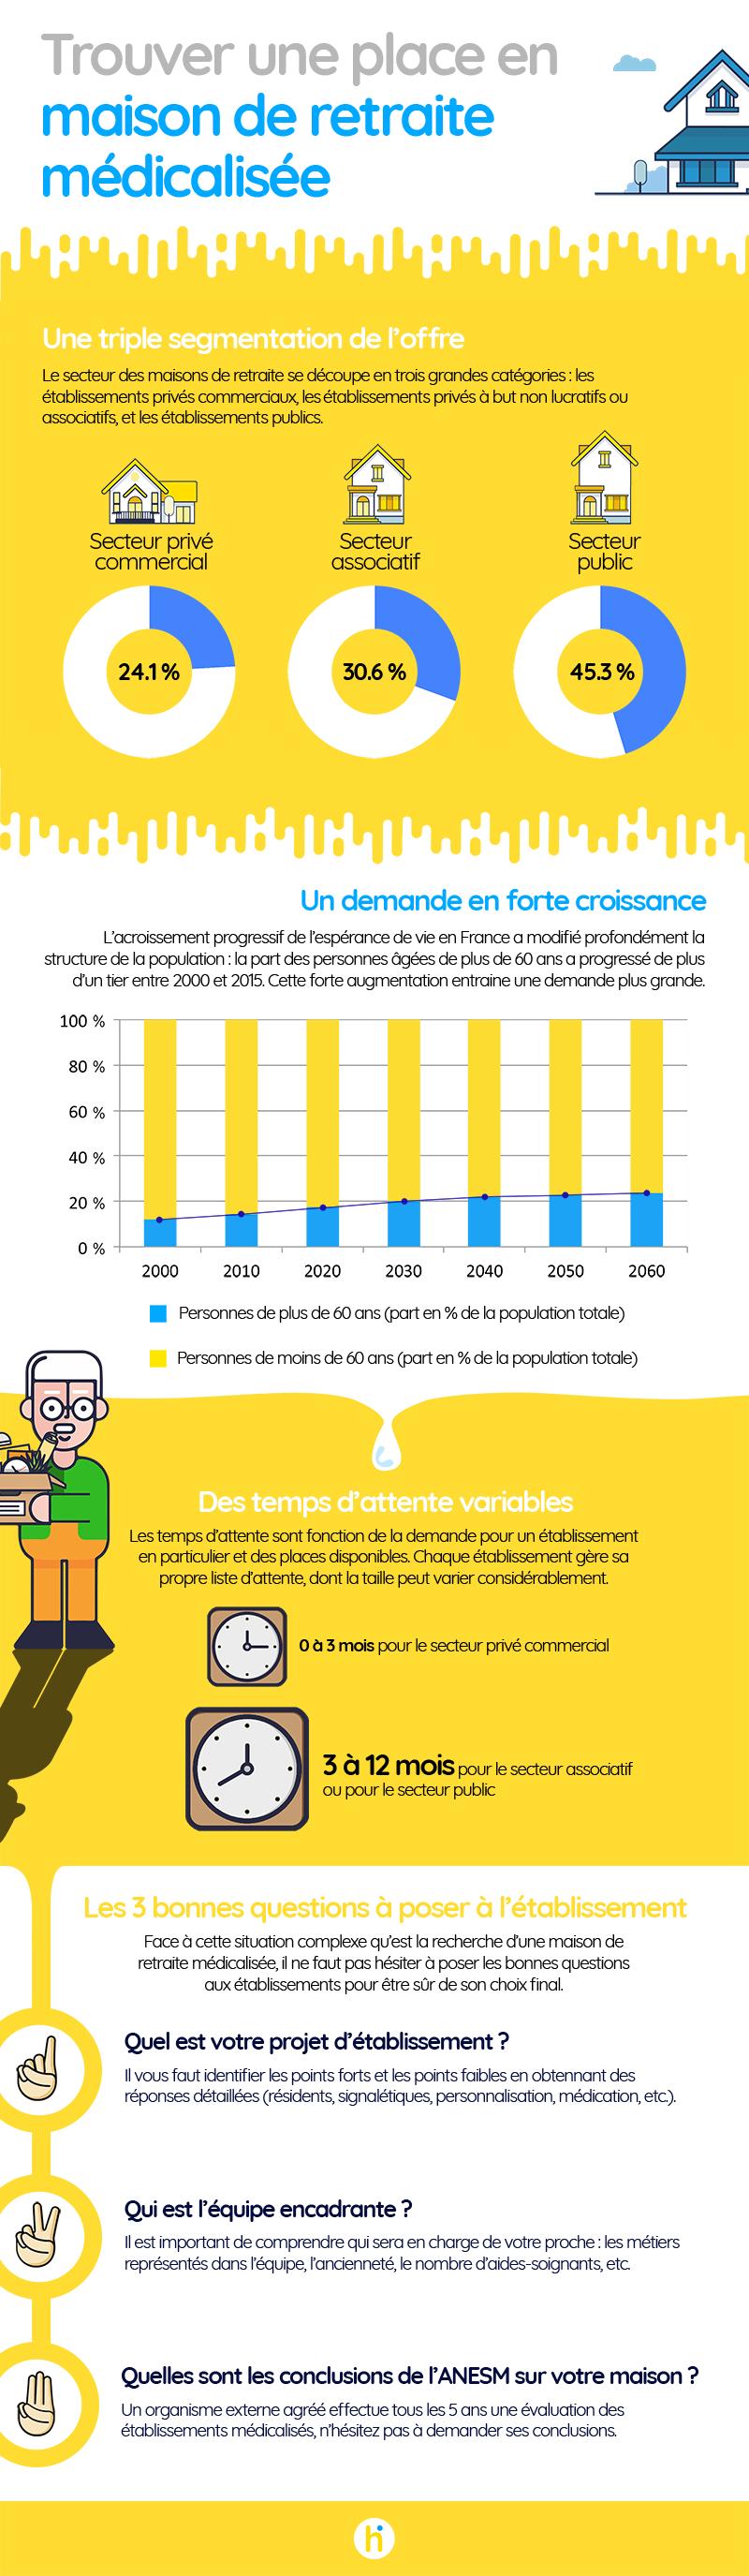 infographie maison de retraite